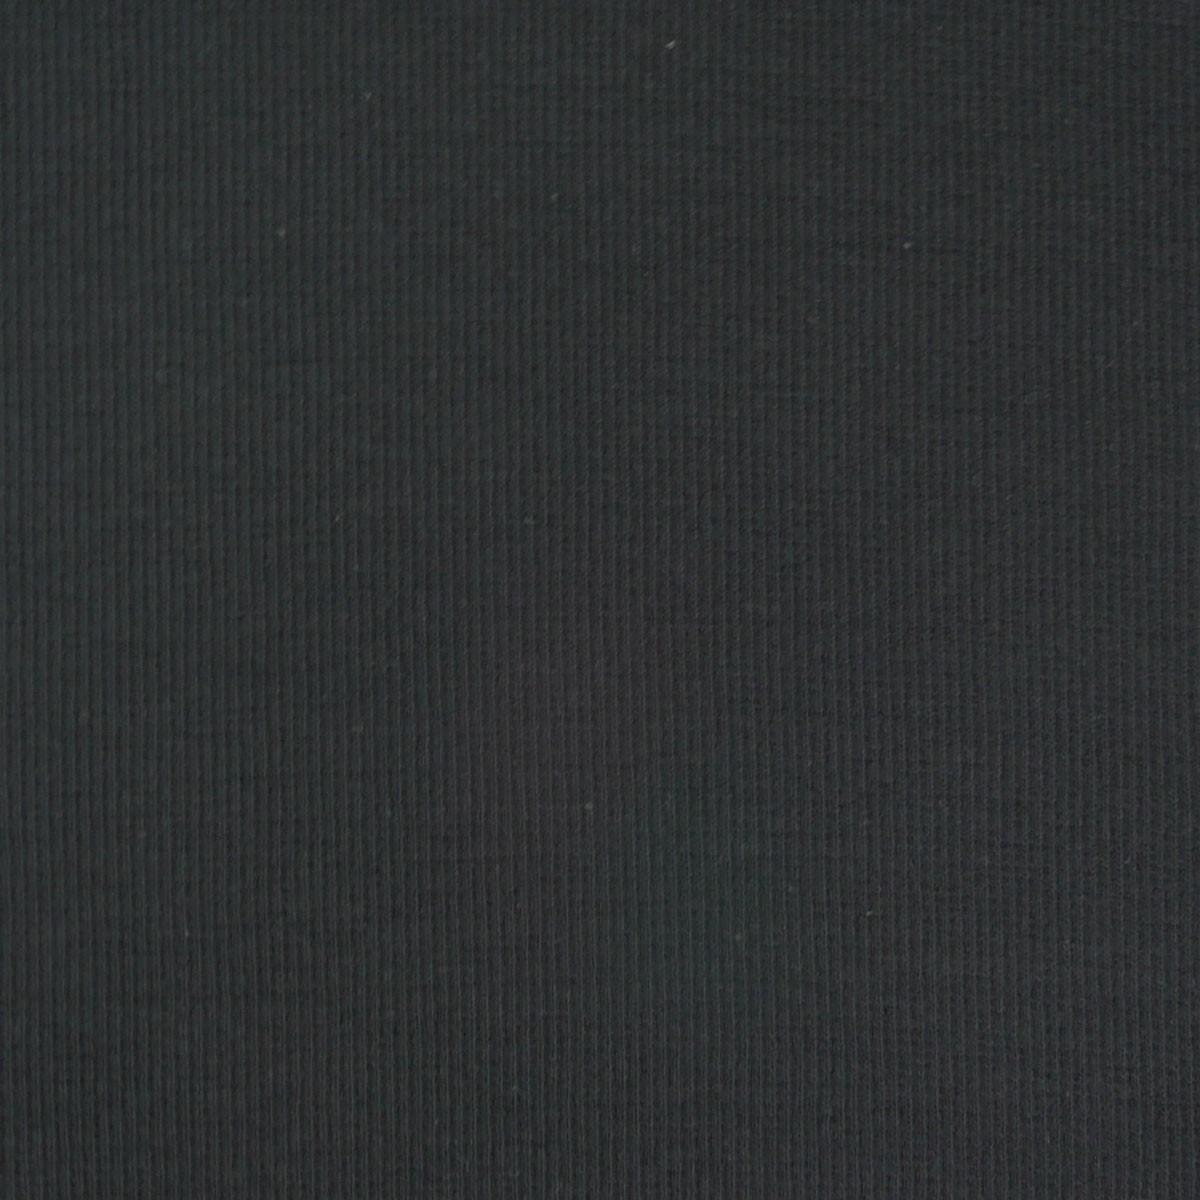 Kreativstoff Strickschlauch Bündchenstoff grob schwarz 27cm Breite